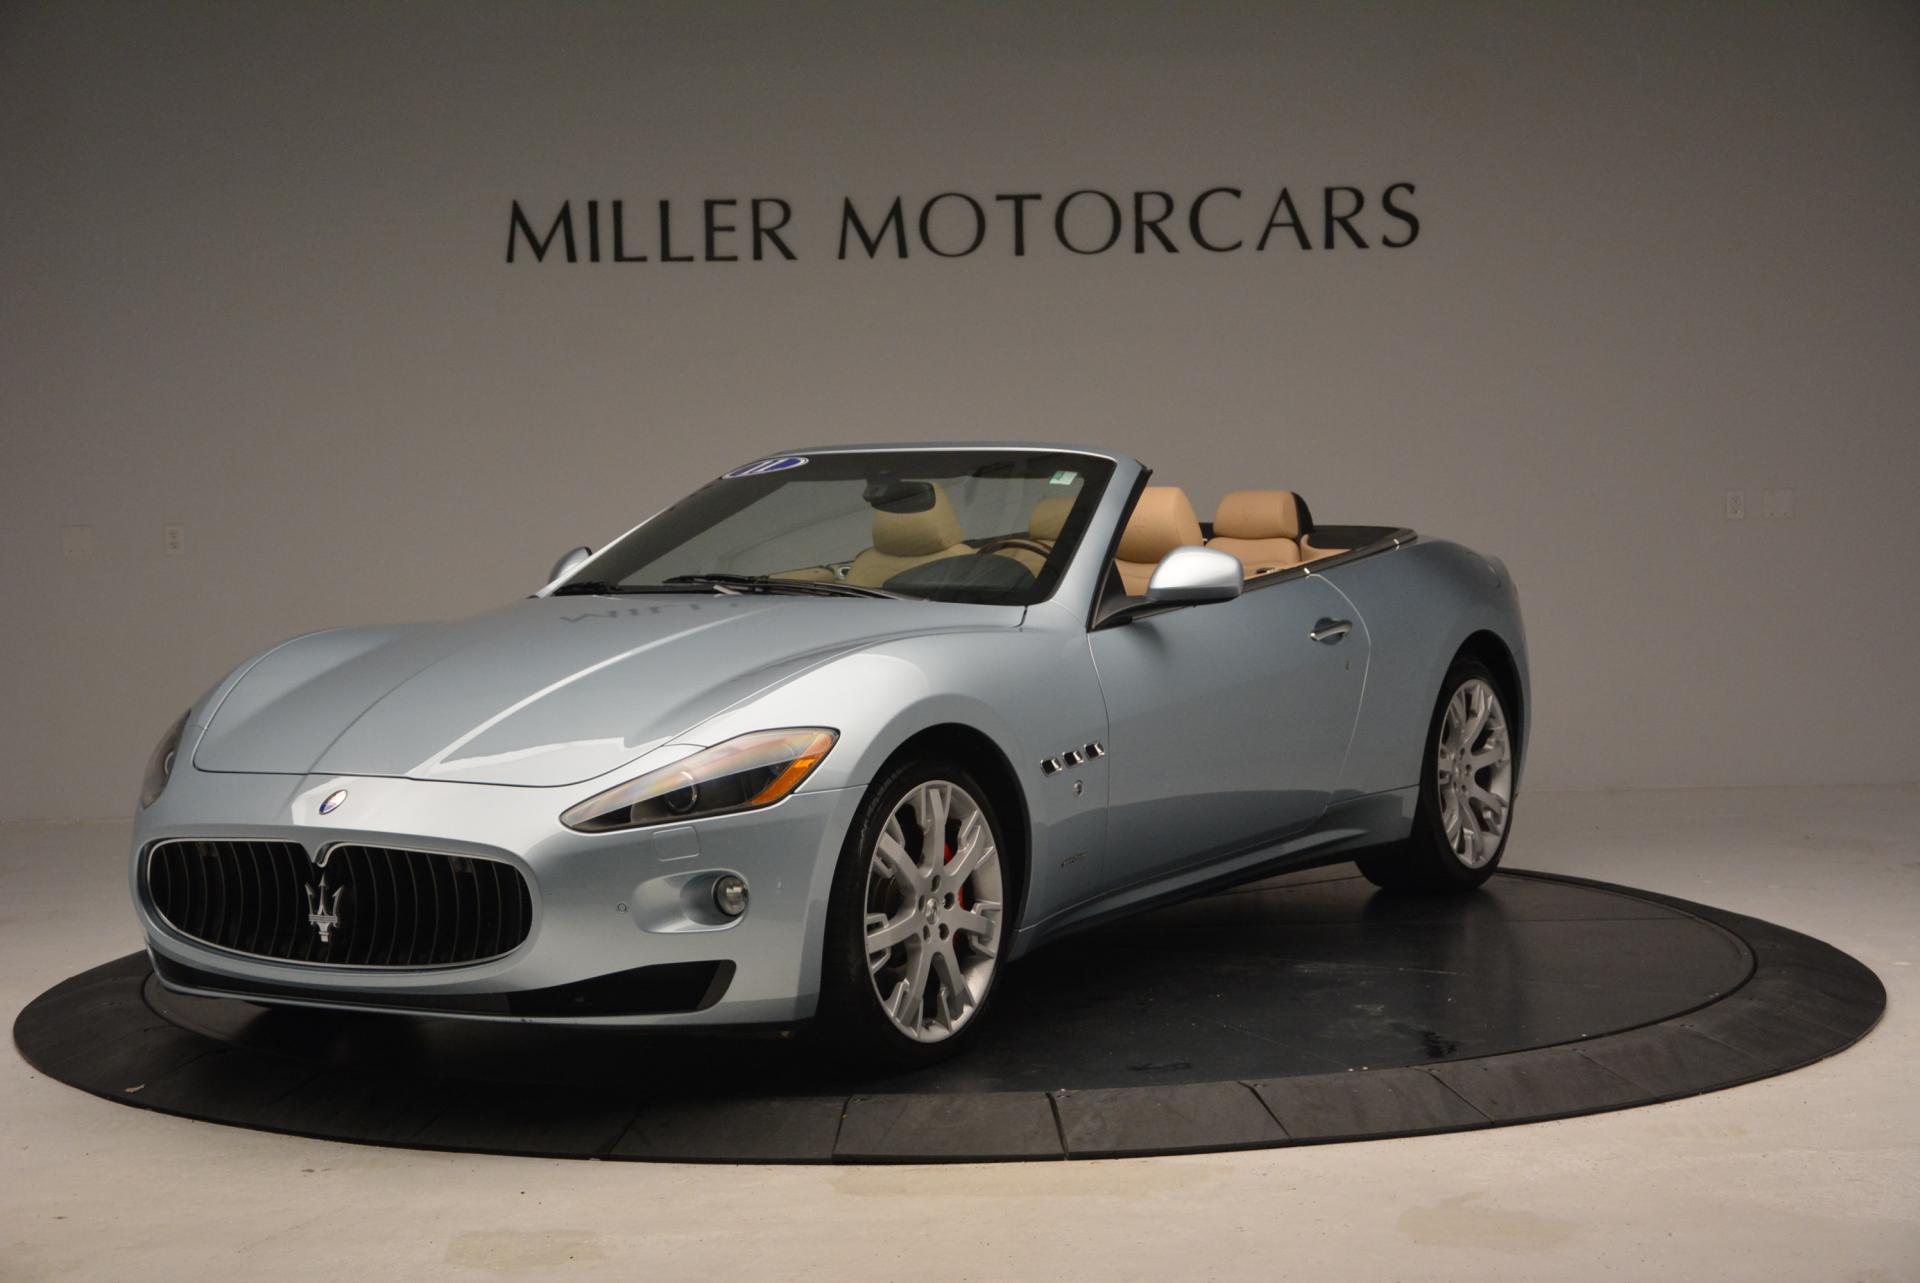 Used 2011 Maserati GranTurismo for sale Sold at Bugatti of Greenwich in Greenwich CT 06830 1